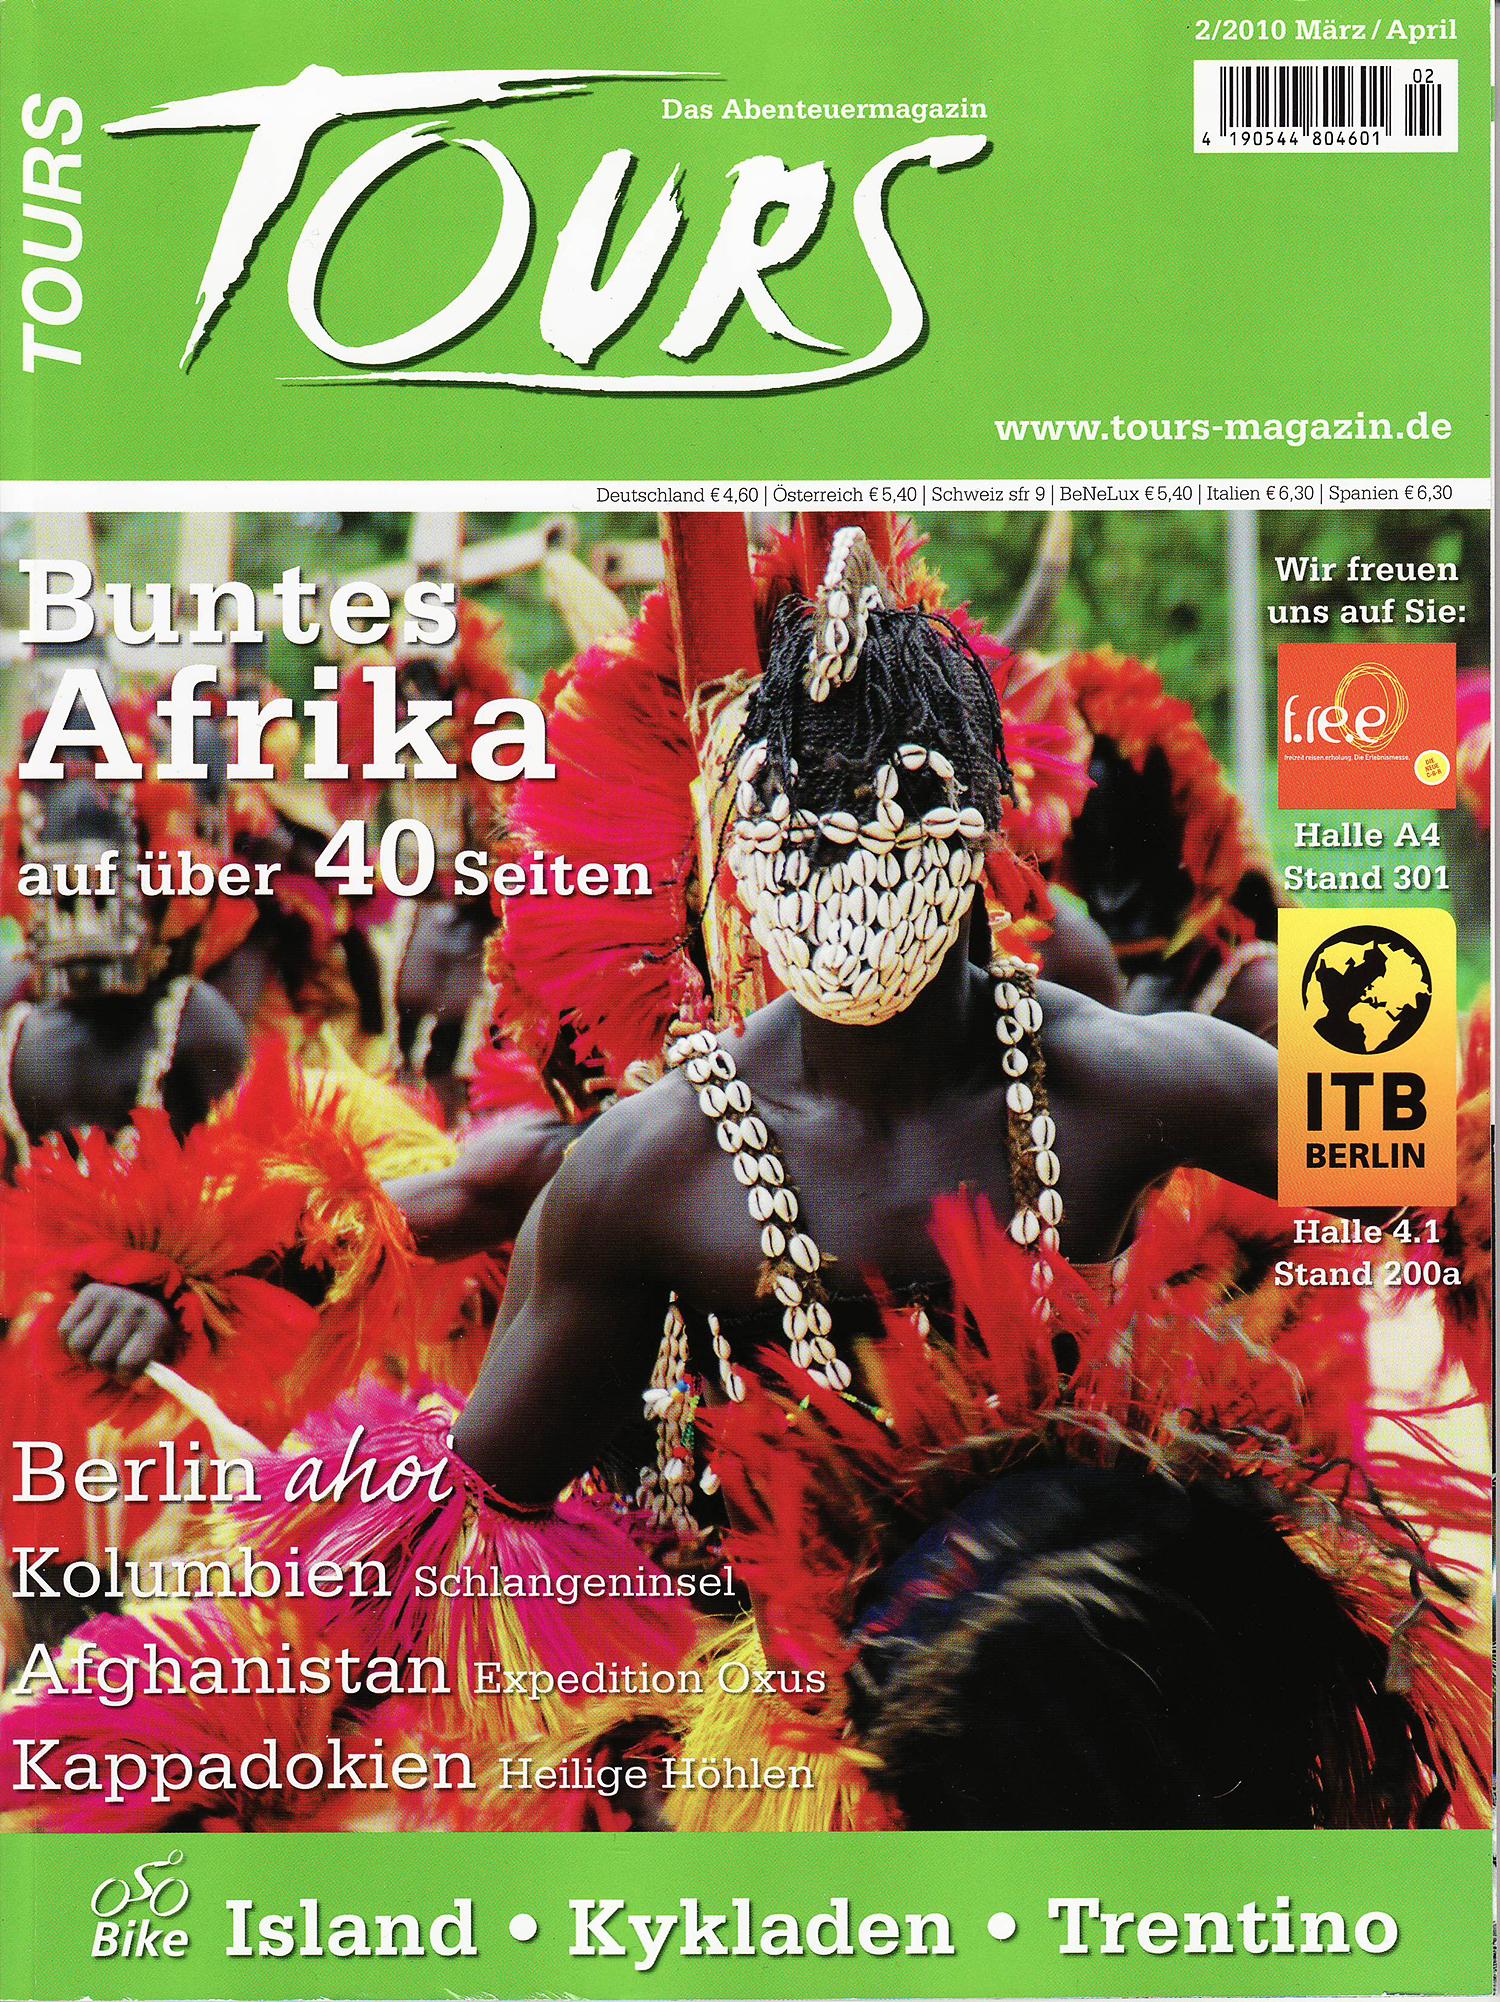 2010-02_TOURS-Cover_A4-300dpi.jpg